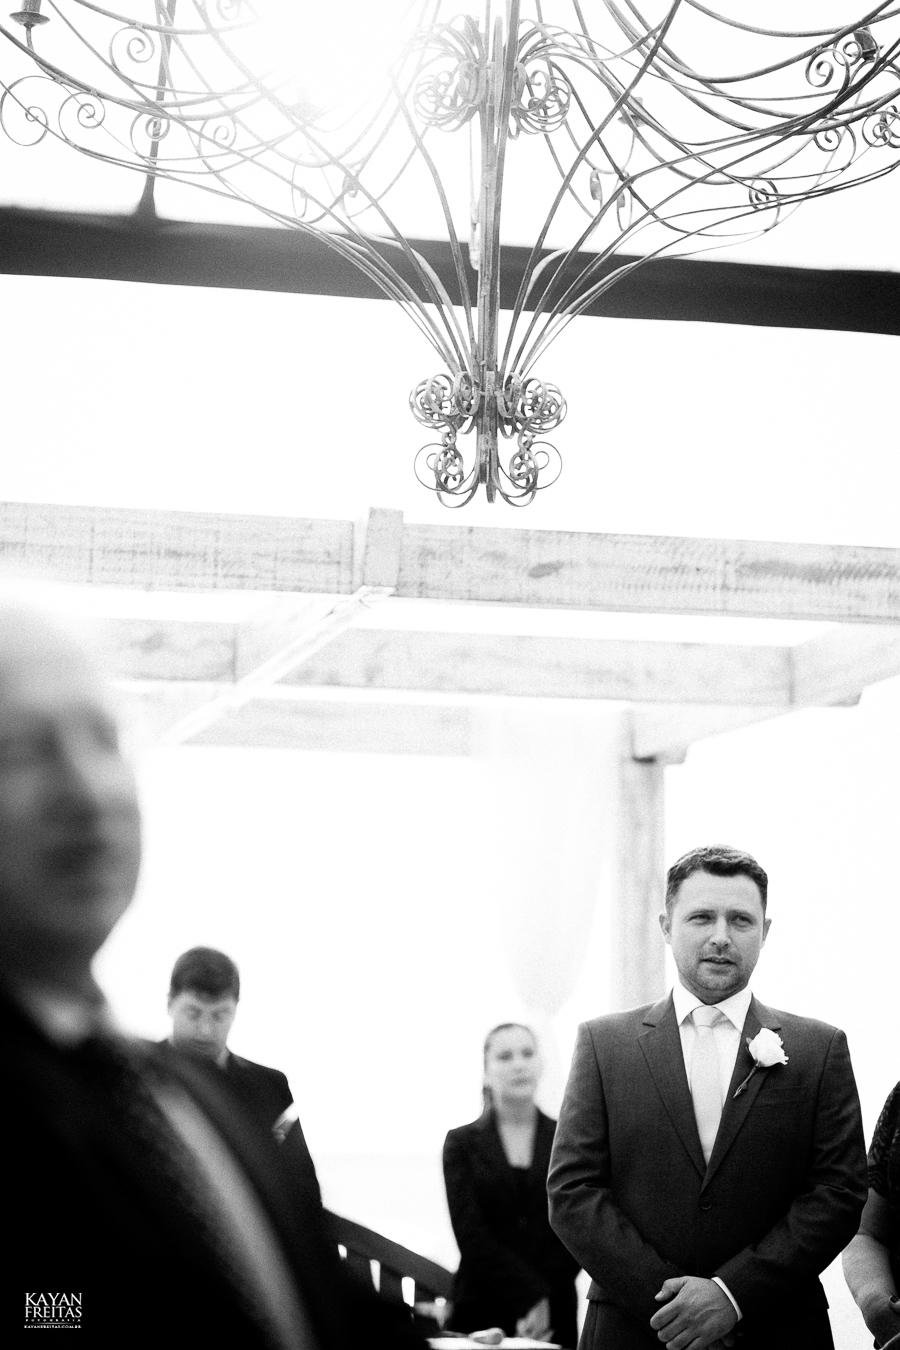 fotografo-casamento-florianopolis-jeg-0052 Joice + George - Casamento em Florianópolis - Hóteis Costa Norte